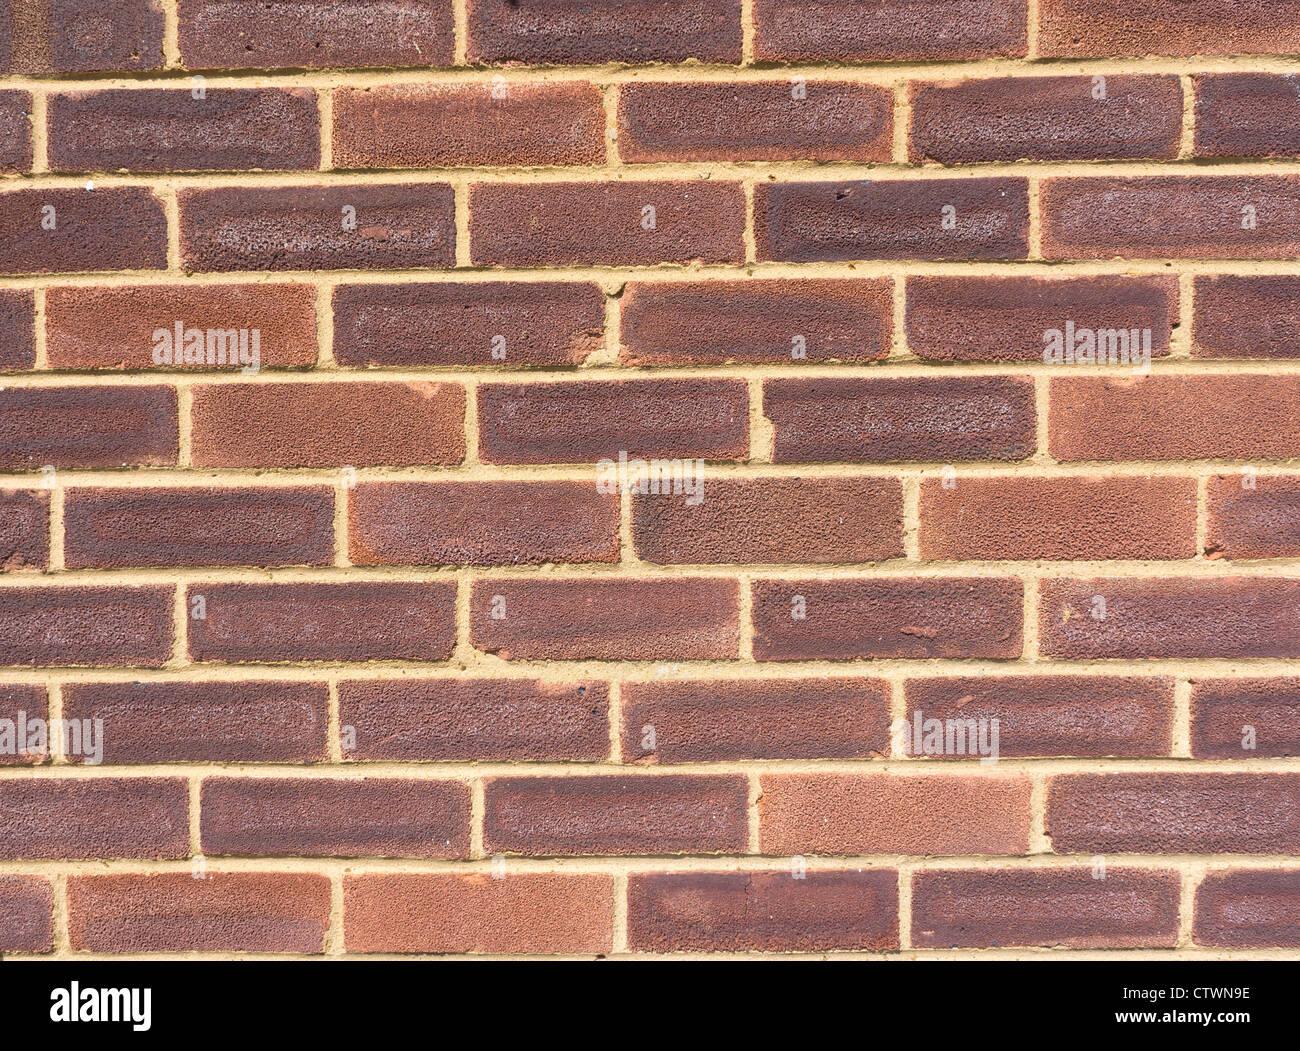 Schließen Sie auf einen Abschnitt einer gemauerten Wand Fassade Stockbild